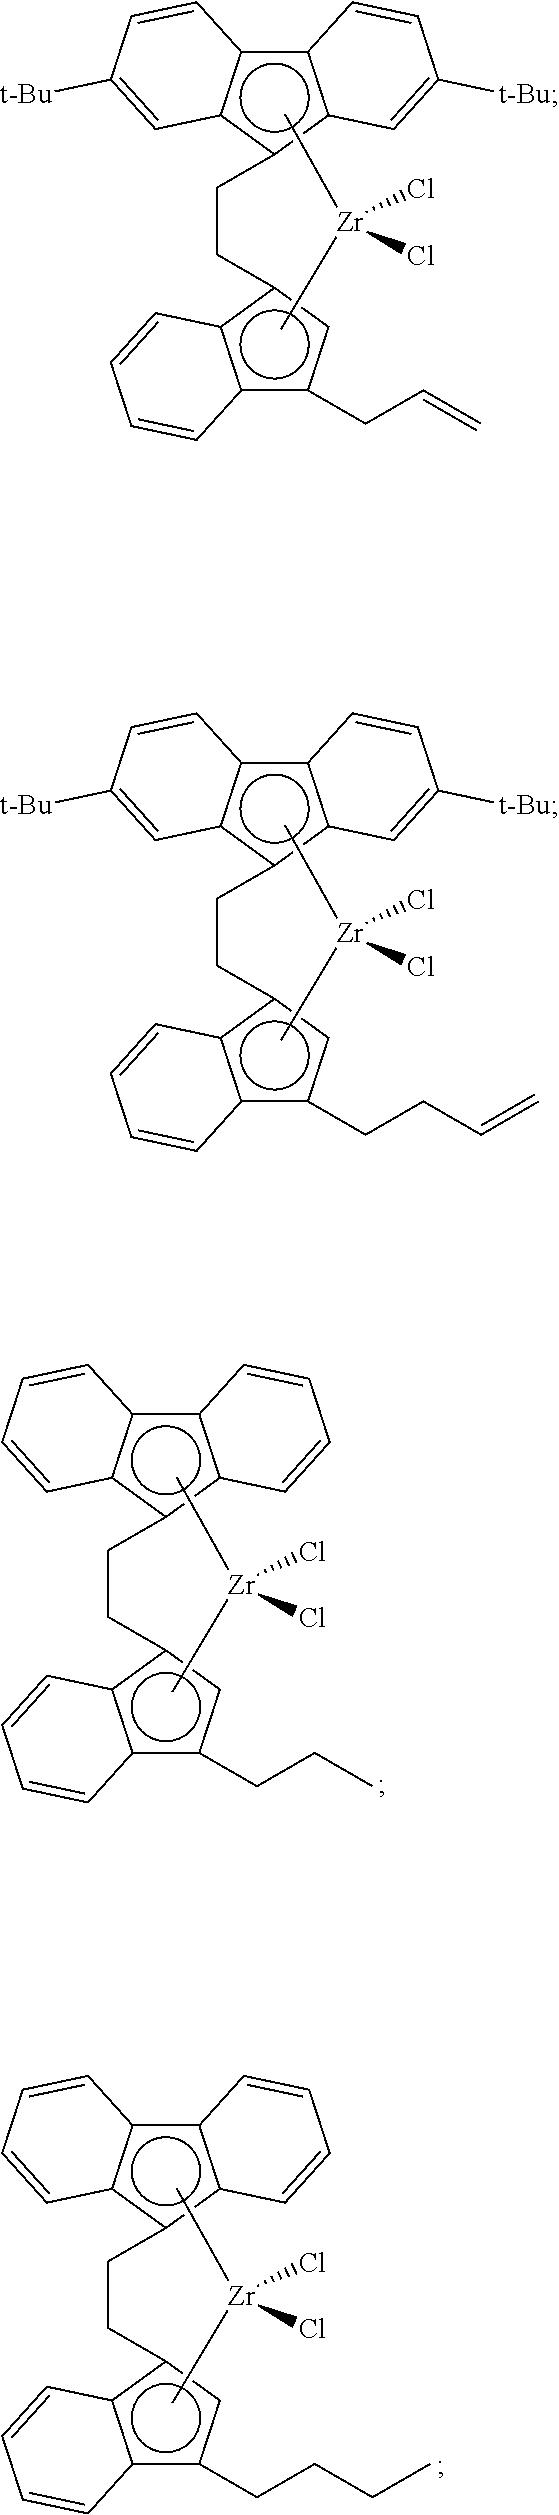 Figure US08748546-20140610-C00028